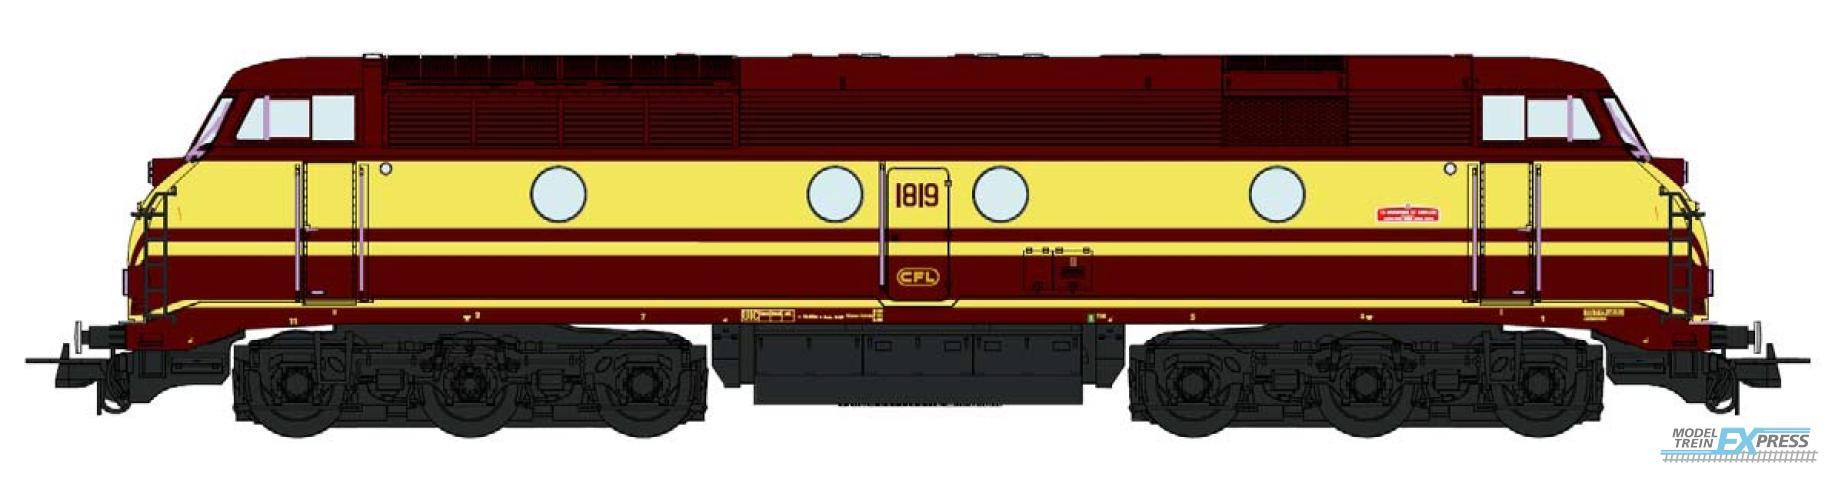 B-Models 20.209